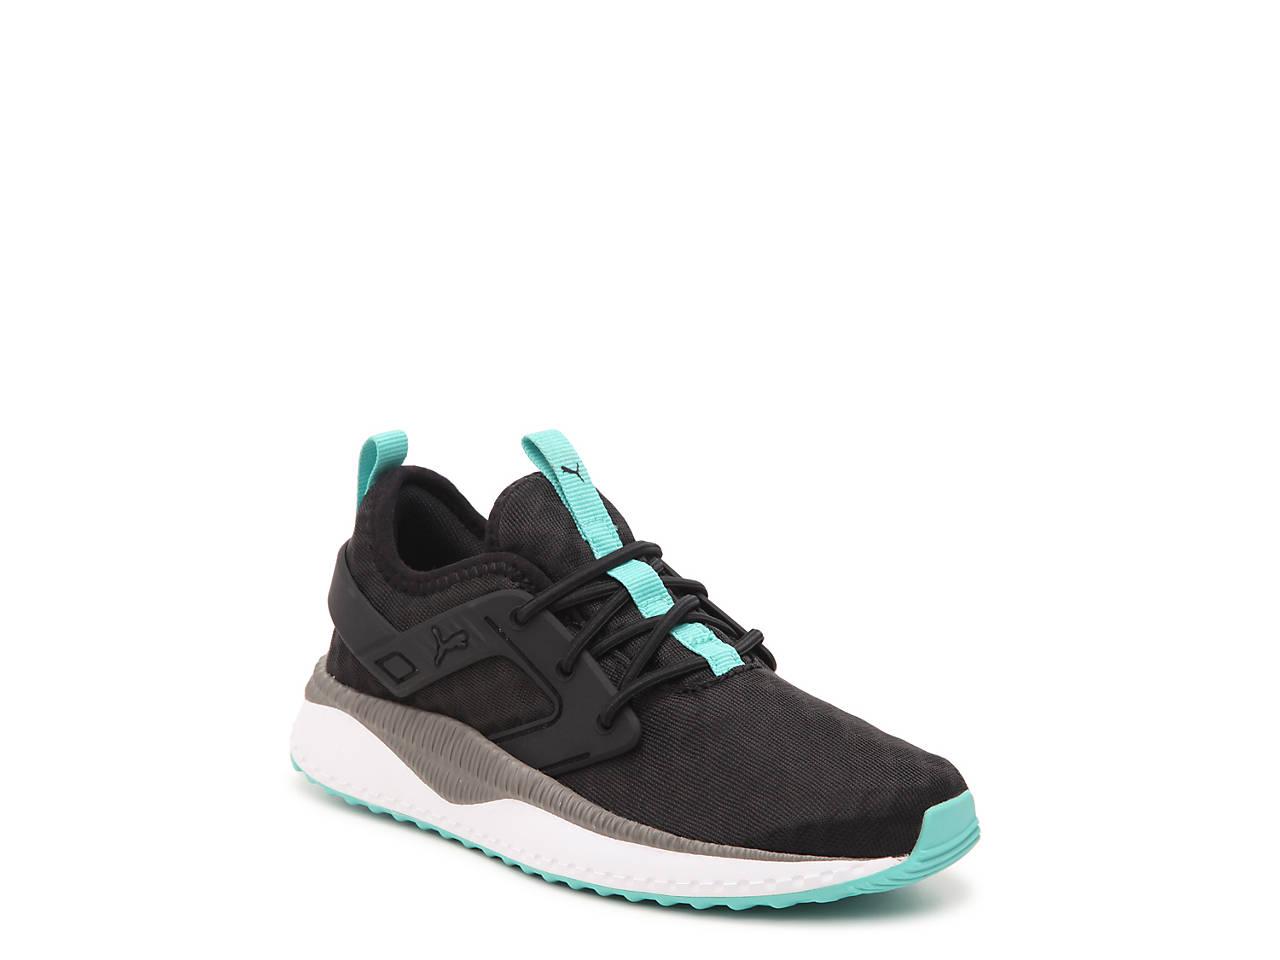 c3263bb29b Pacer Next Excel Jr Slip-On Sneaker - Kids'